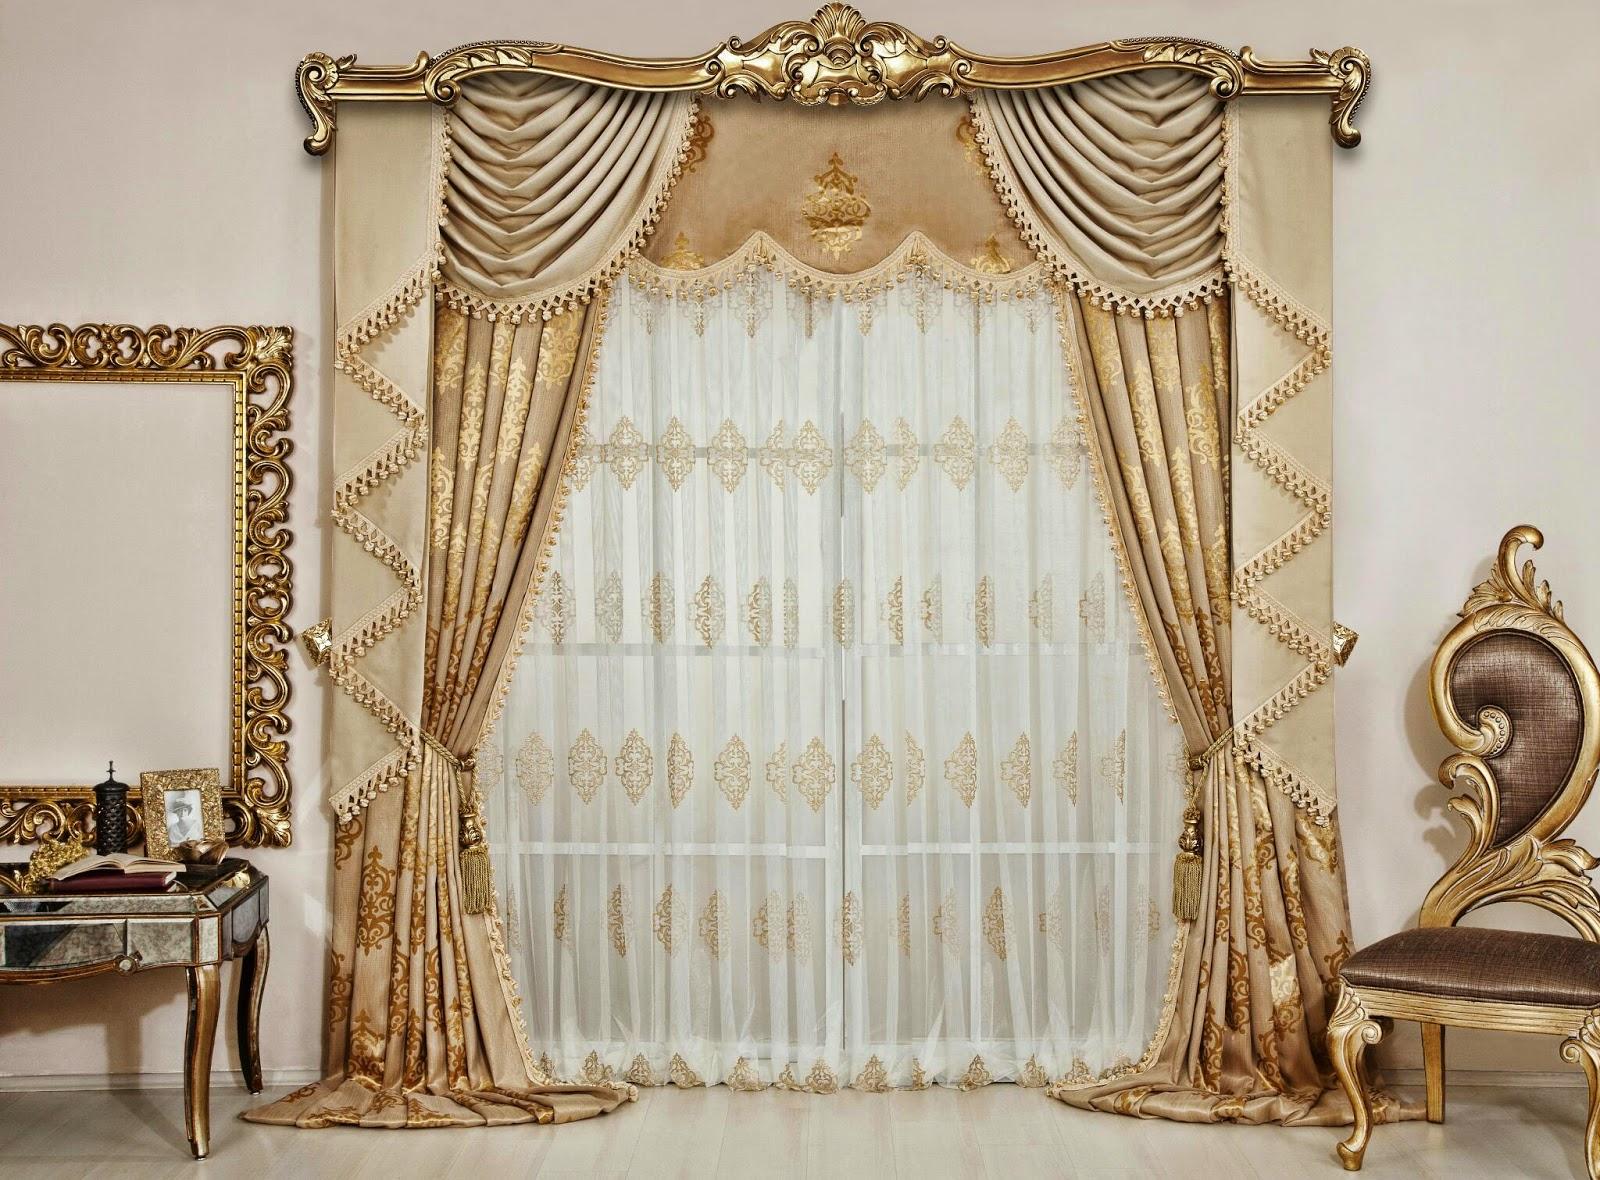 Enza home mobilya yatak odas modelleri 22 dekor sarayi - Osmanl T L Perde Modelleri Jpg